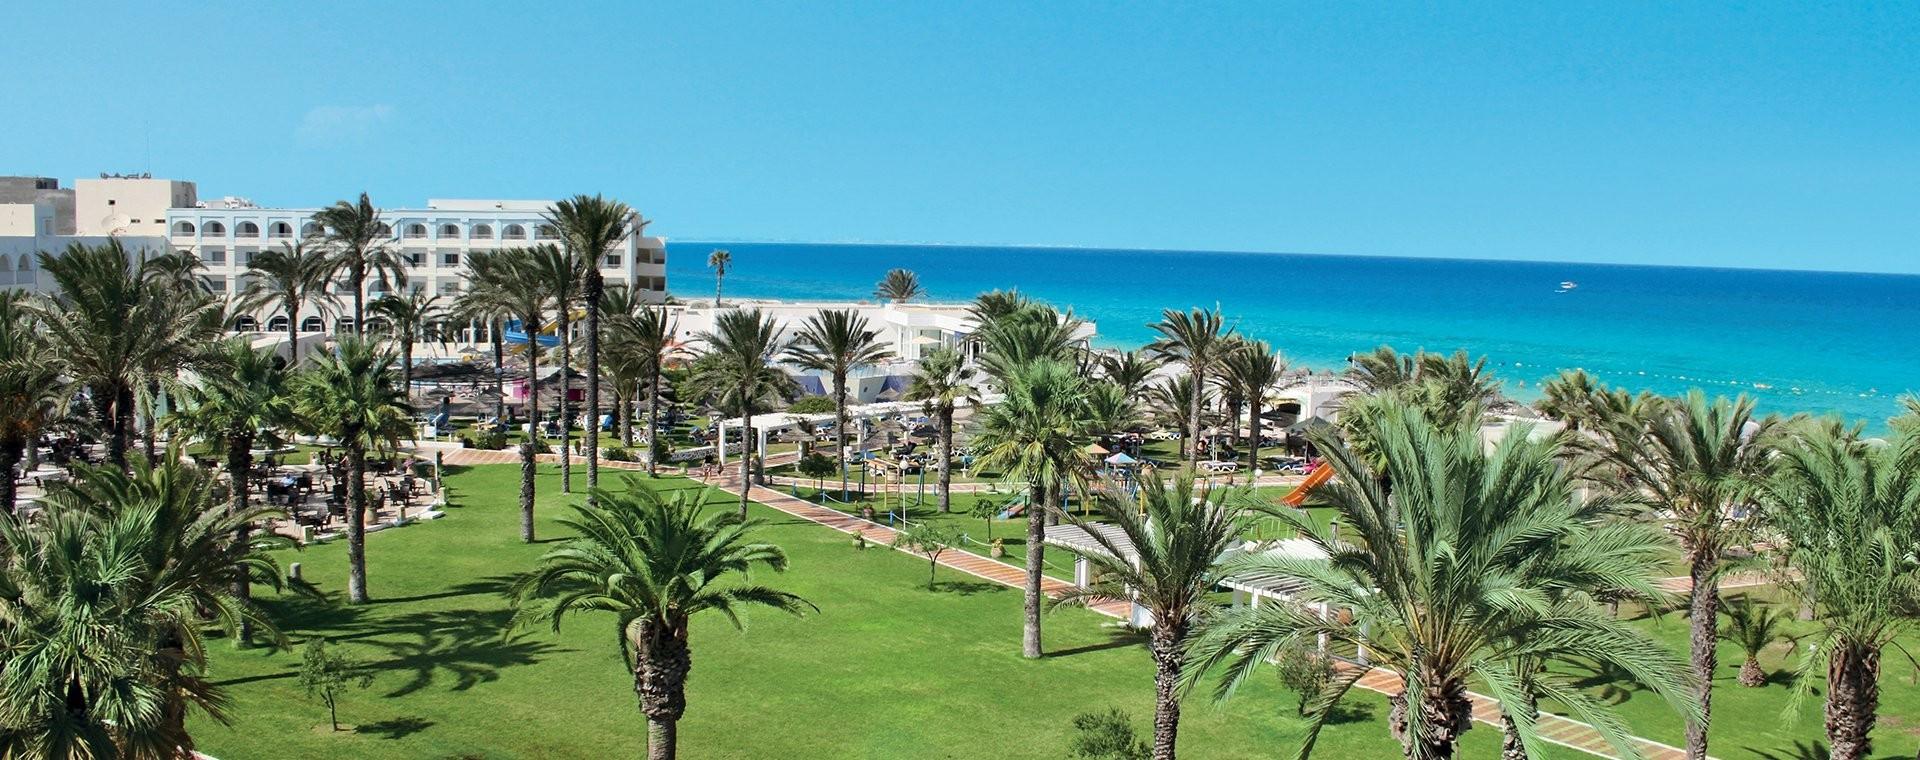 TUNISIA - MAHDIA